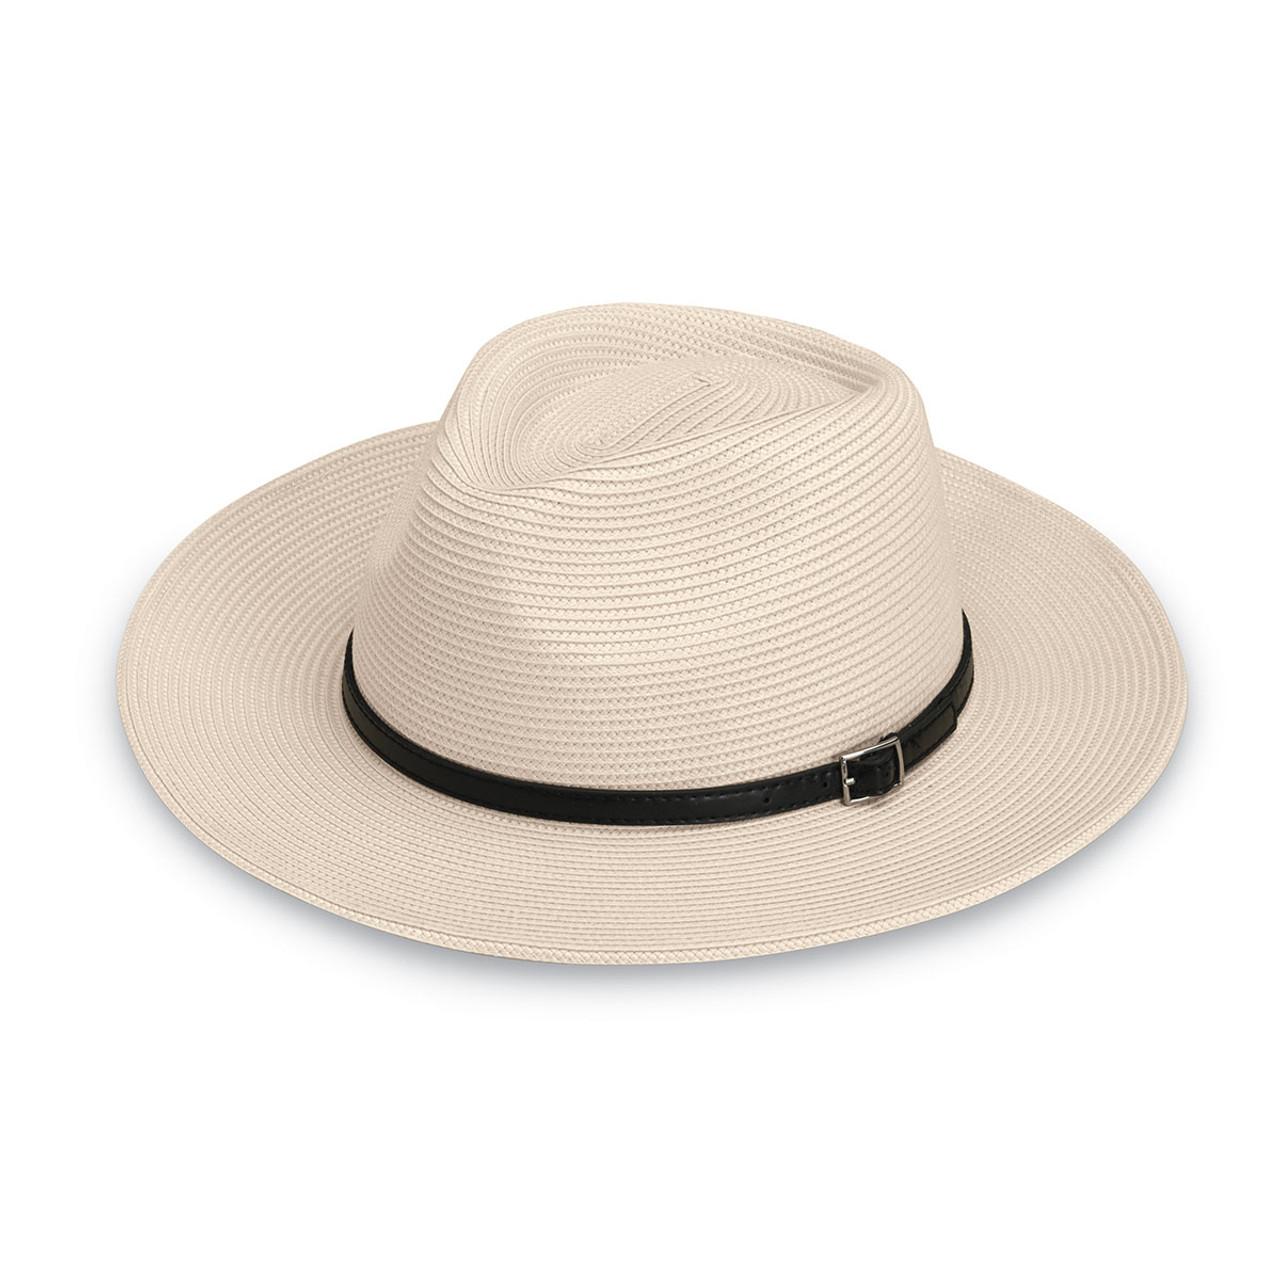 35b1a06084e210 Mens Wallaroo UPF50+ cameron sun hat ivory